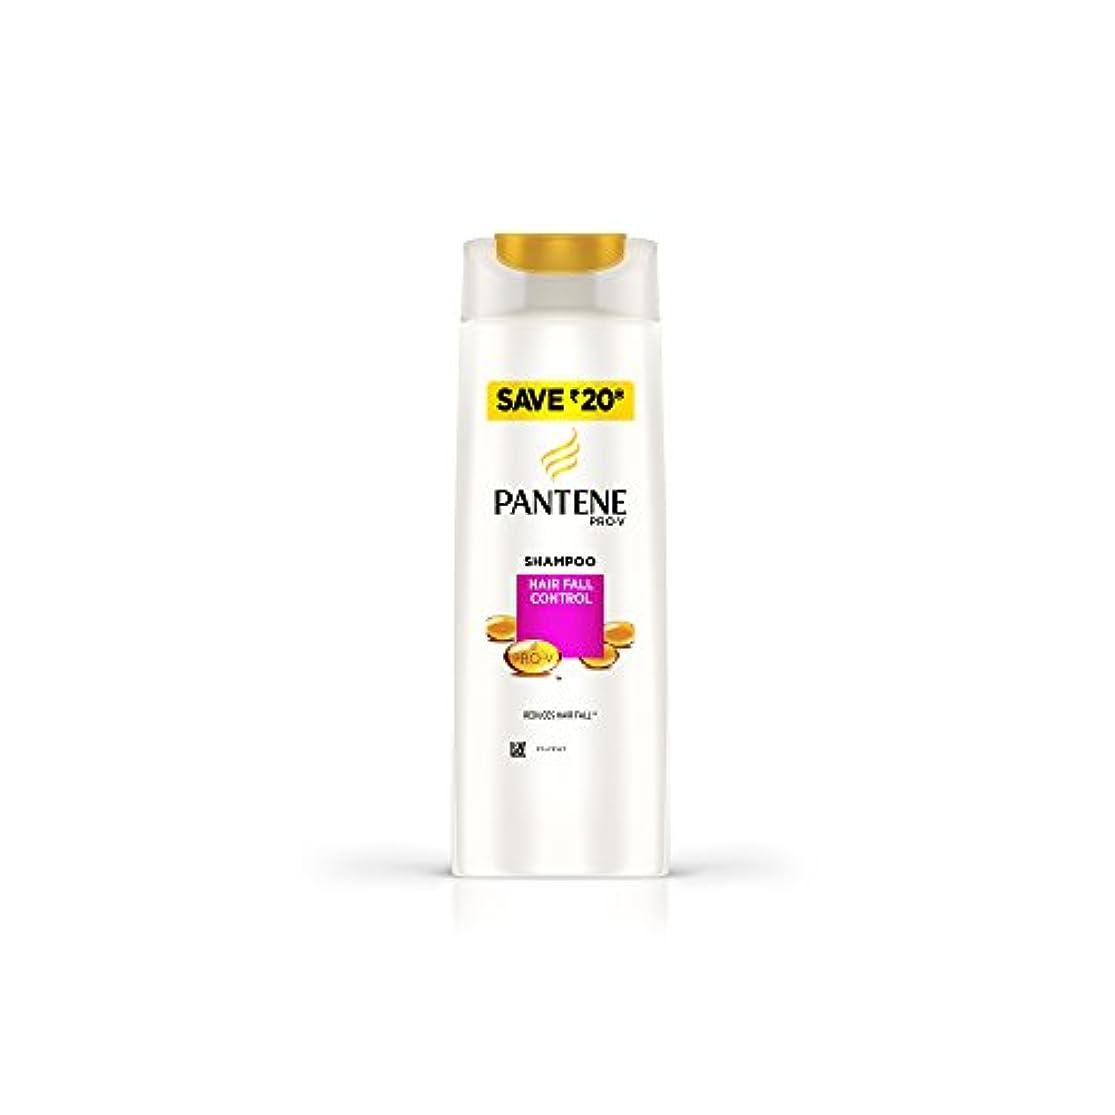 内訳なめらかなレイアPANTENE Hair Fall control SHAMPOO 180 ml (PANTENEヘアフォールコントロールシャンプー180ml)